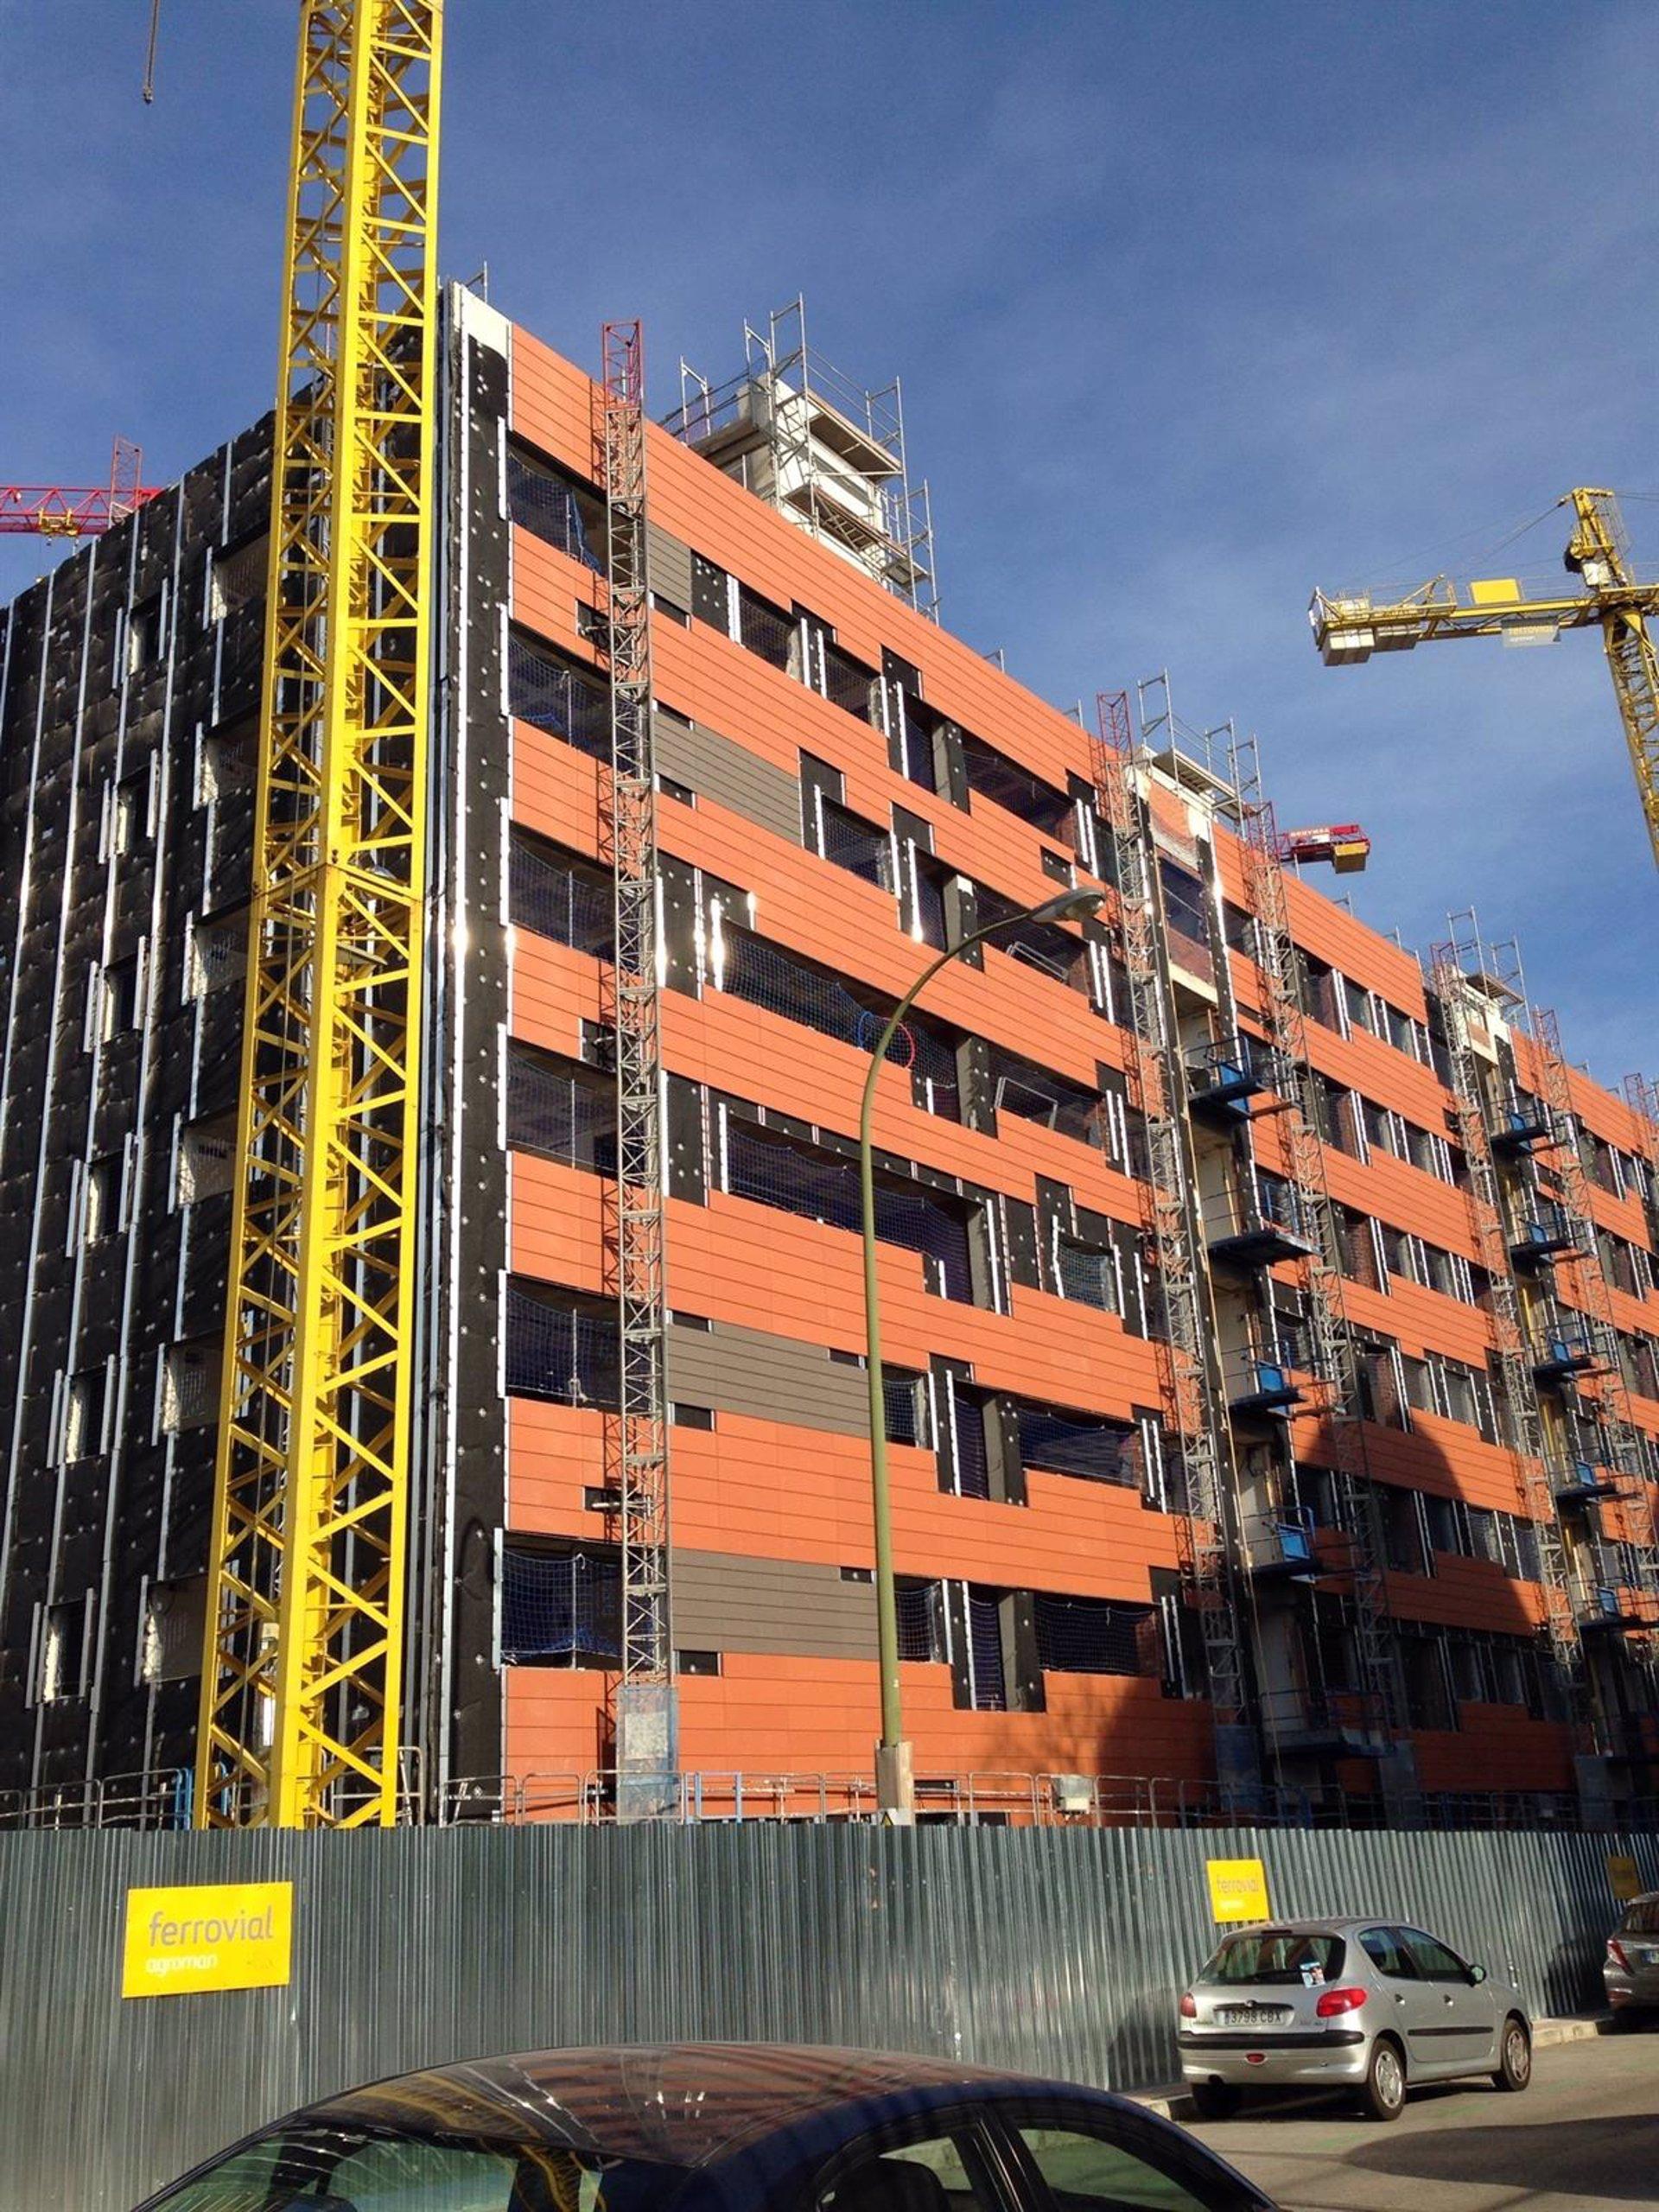 Una cooperativa que ha edificado en el centro de madrid for Cooperativa pisos madrid